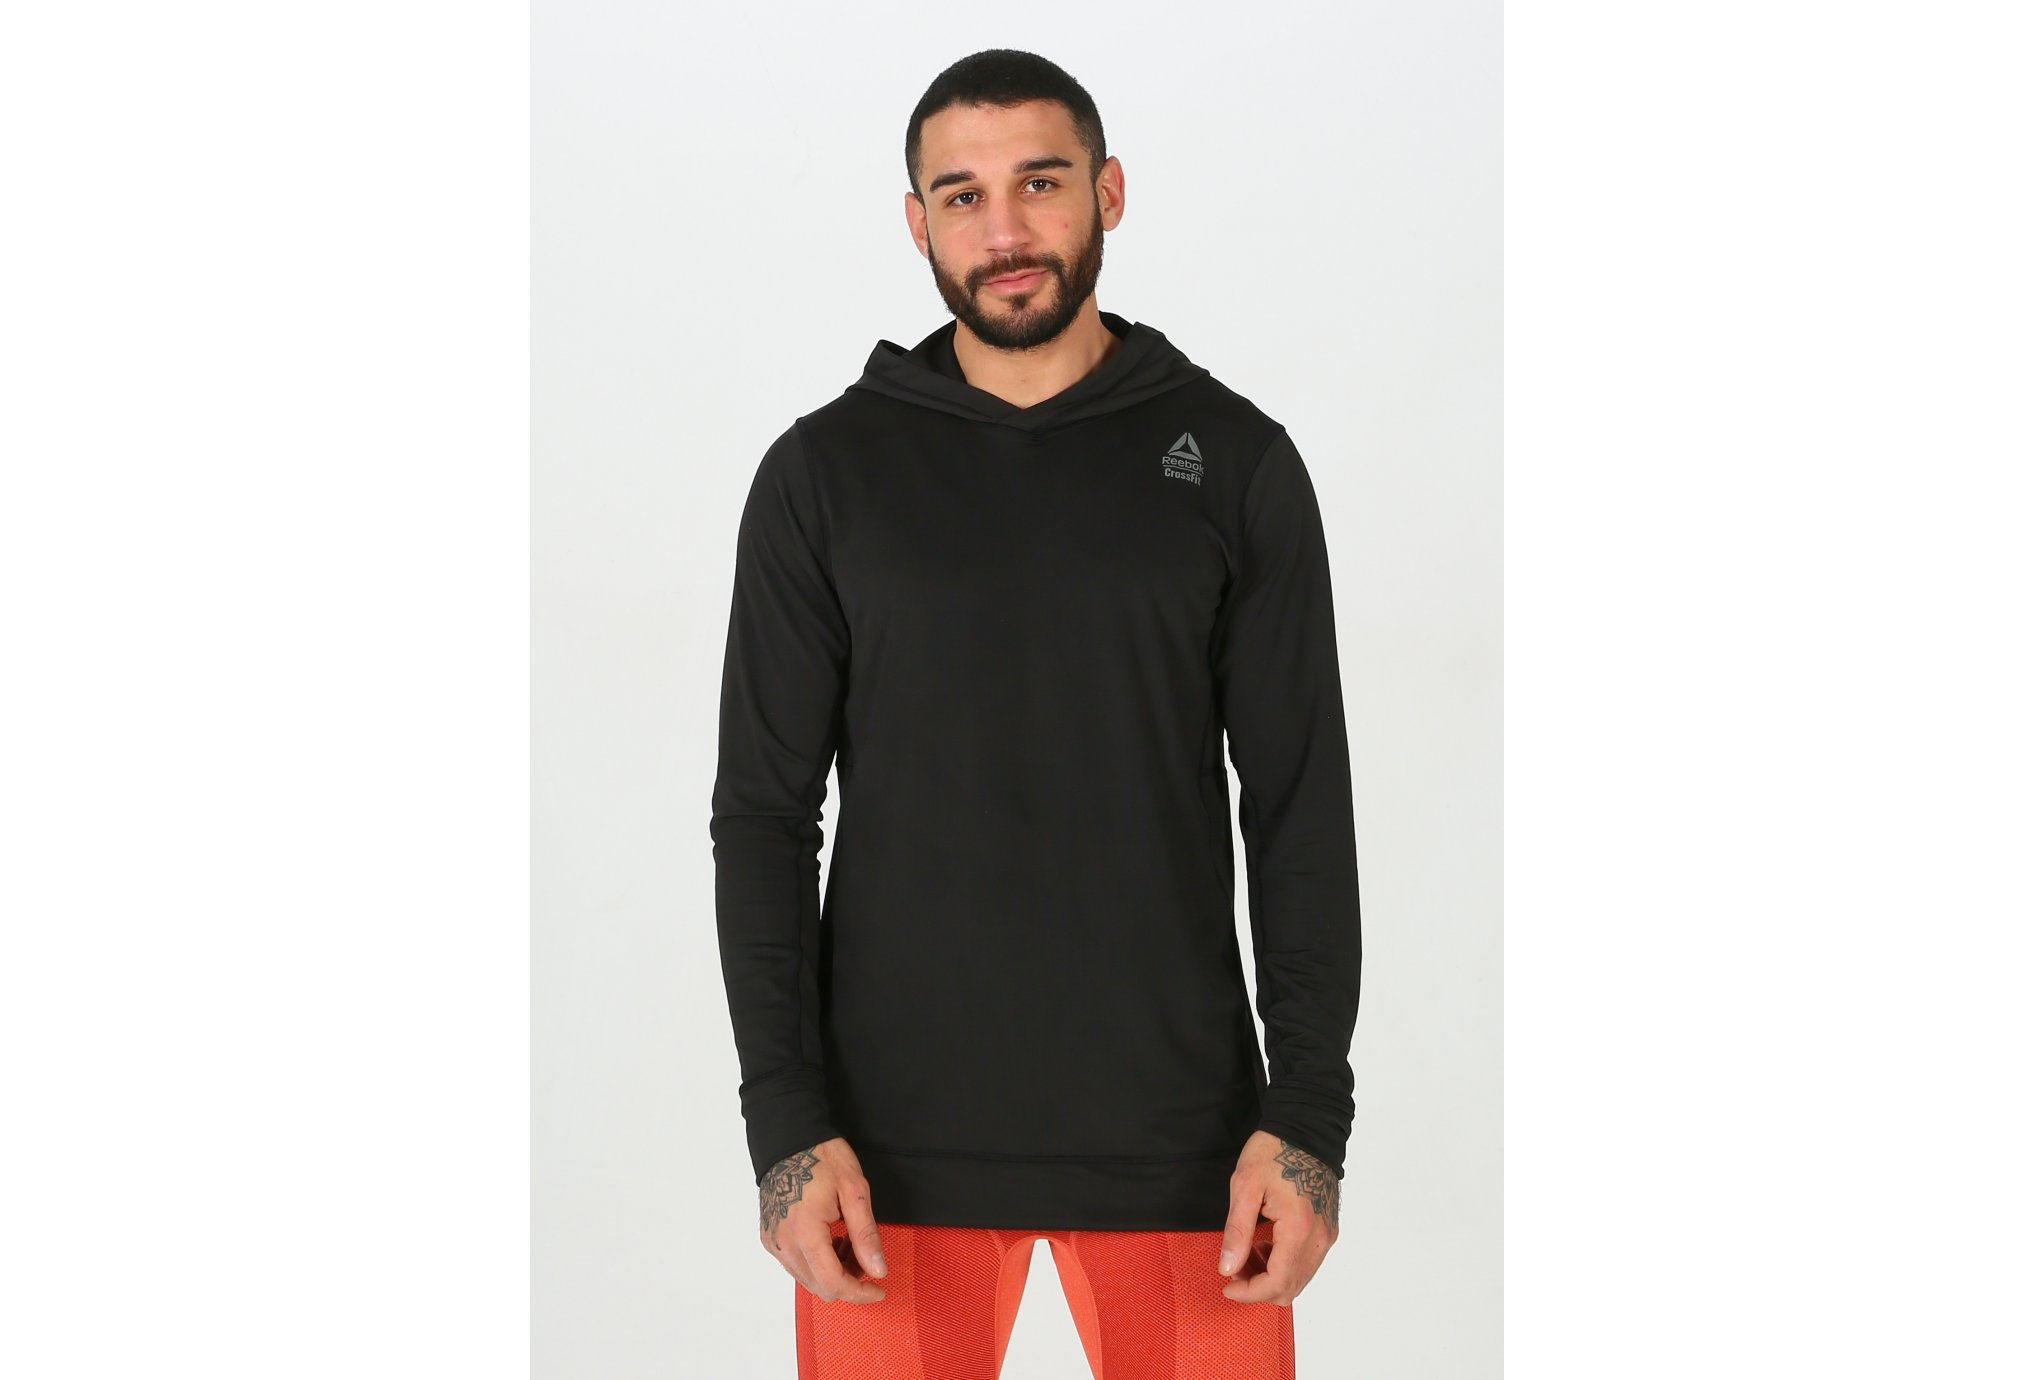 Reebok CrossFit Jacquard M Diététique Vêtements homme